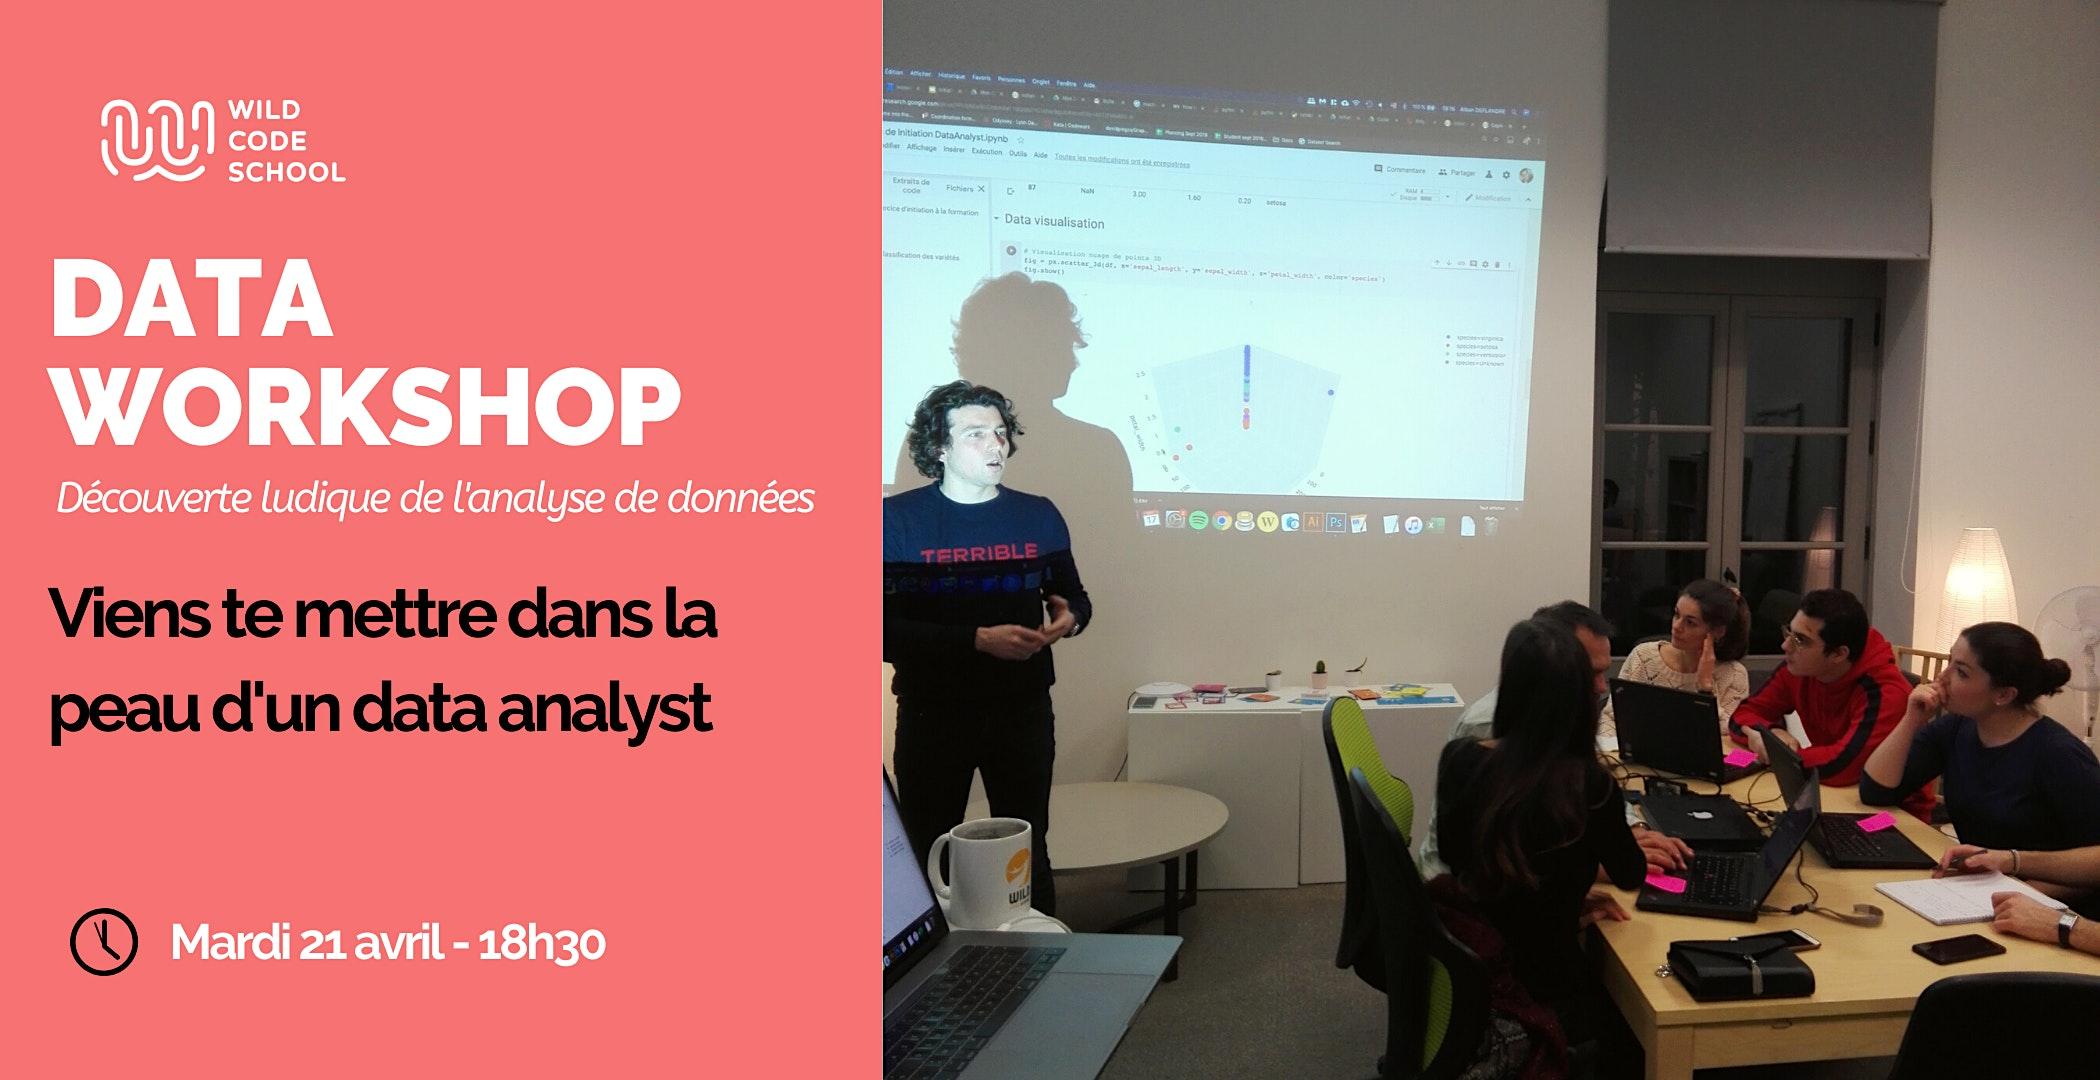 Data Workshop : Viens te mettre dans la peau d'un data analyst